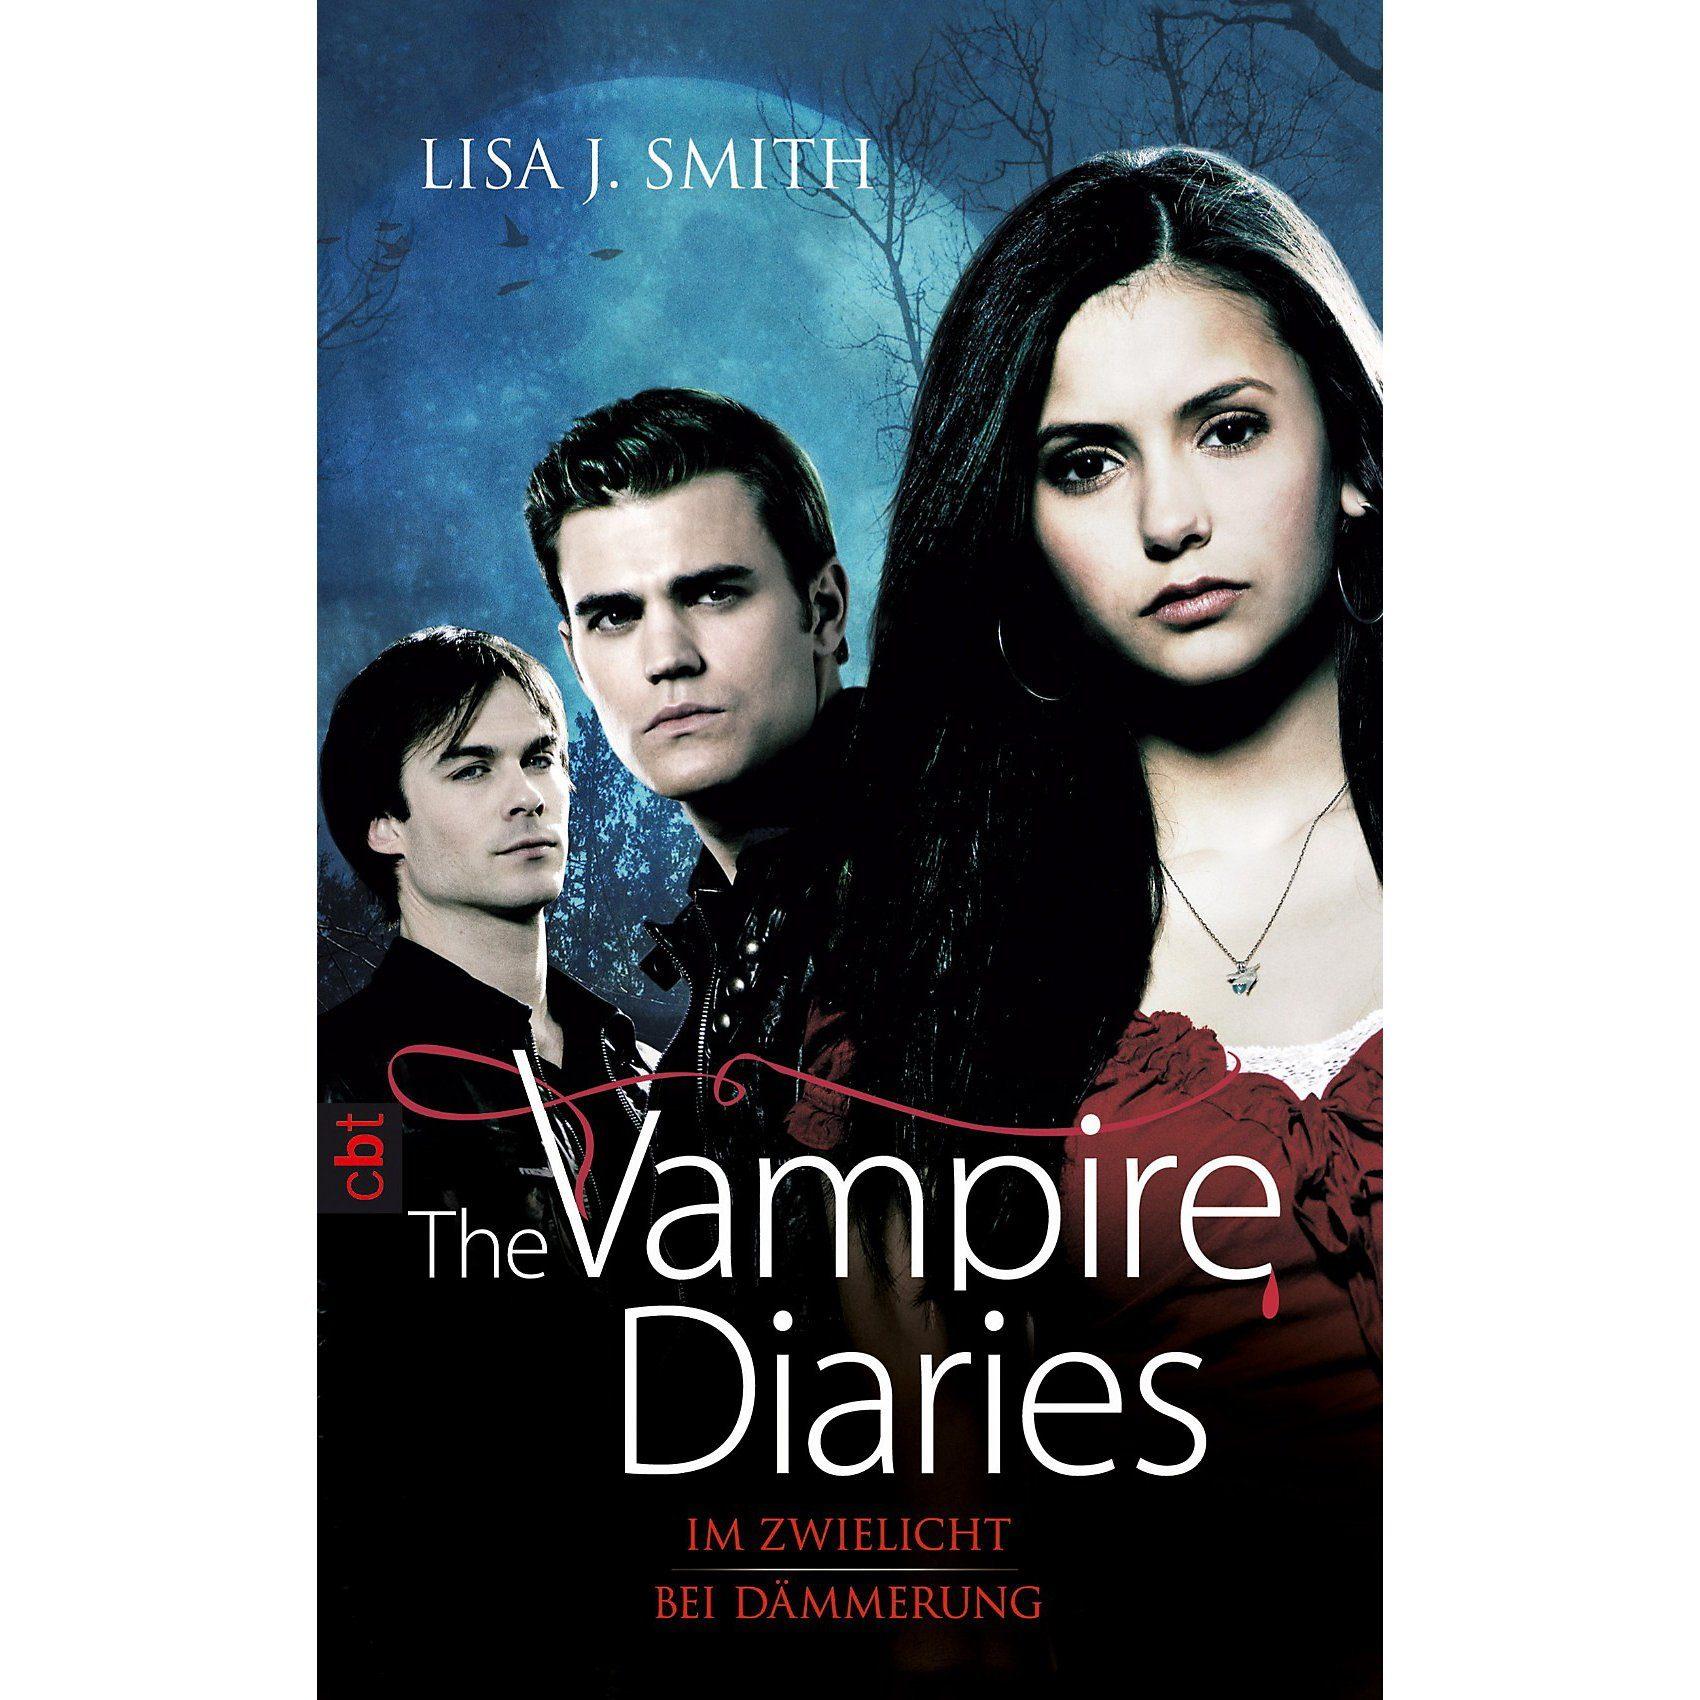 cbj + cbt Verlag The Vampire Diaries: Im Zwielicht / Bei Dämmerung, Sammelban